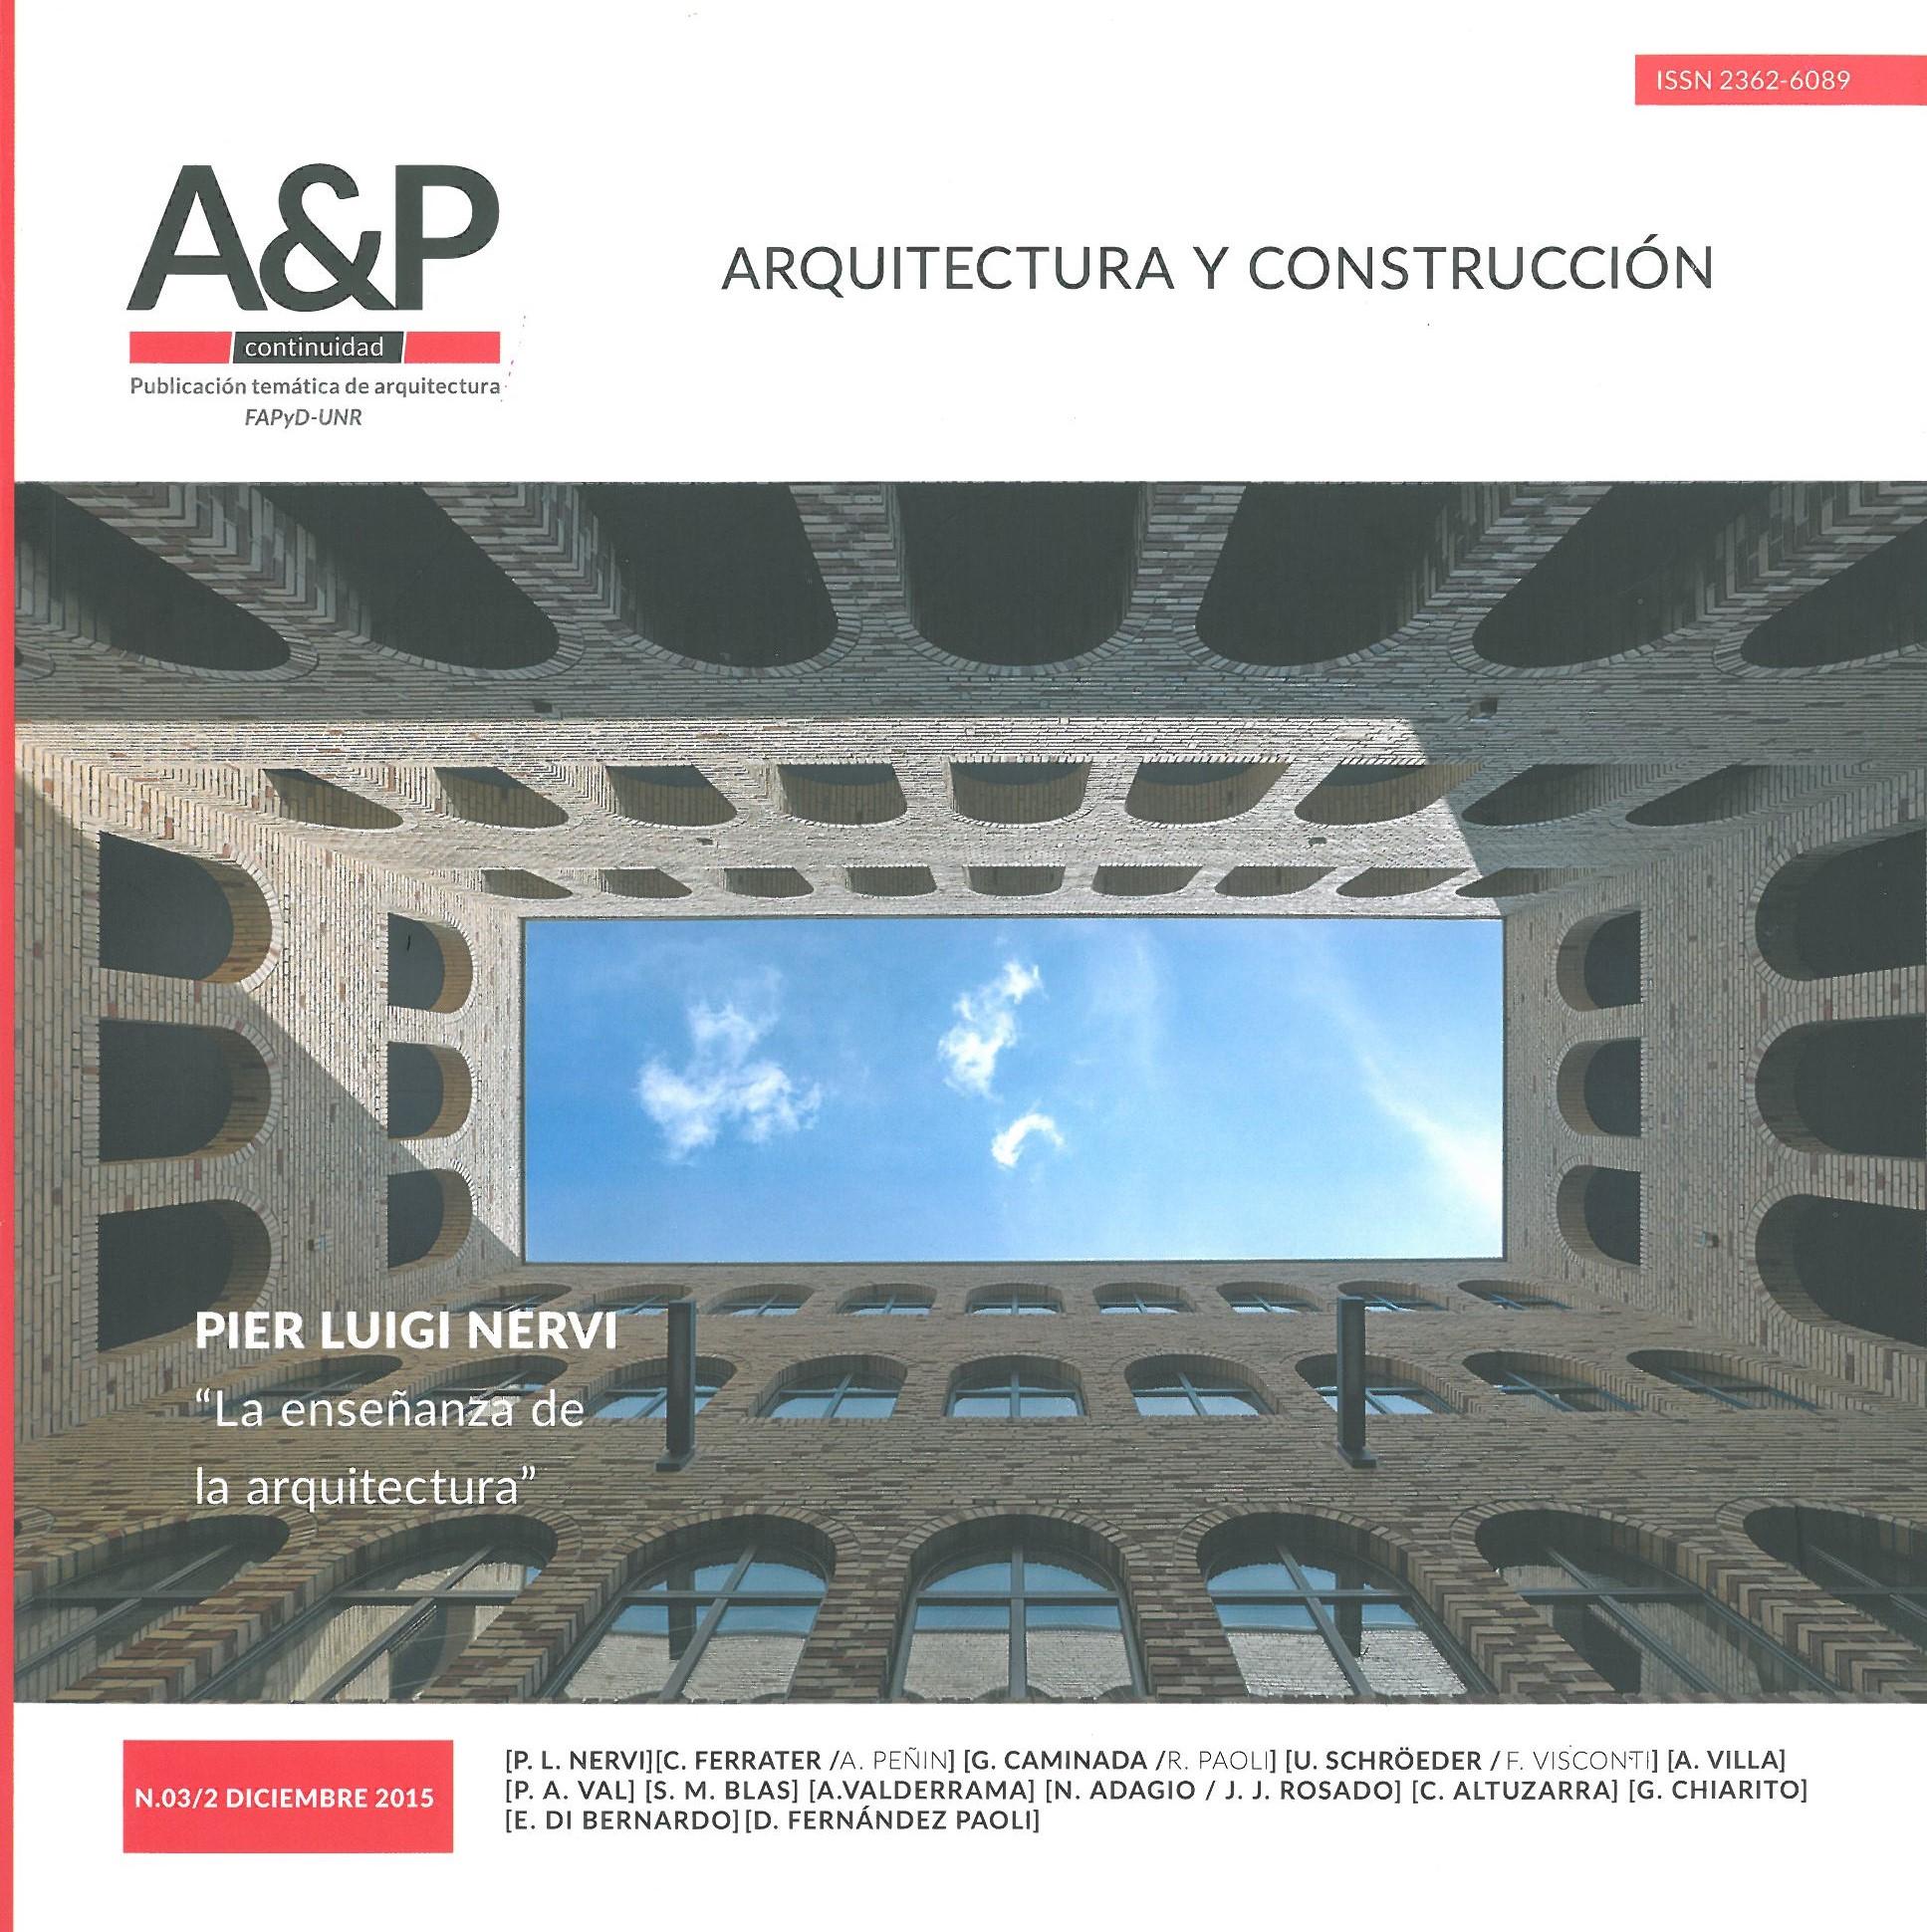 A p arquitectura y construccion architetti ricci val for Arquitectura y construccion